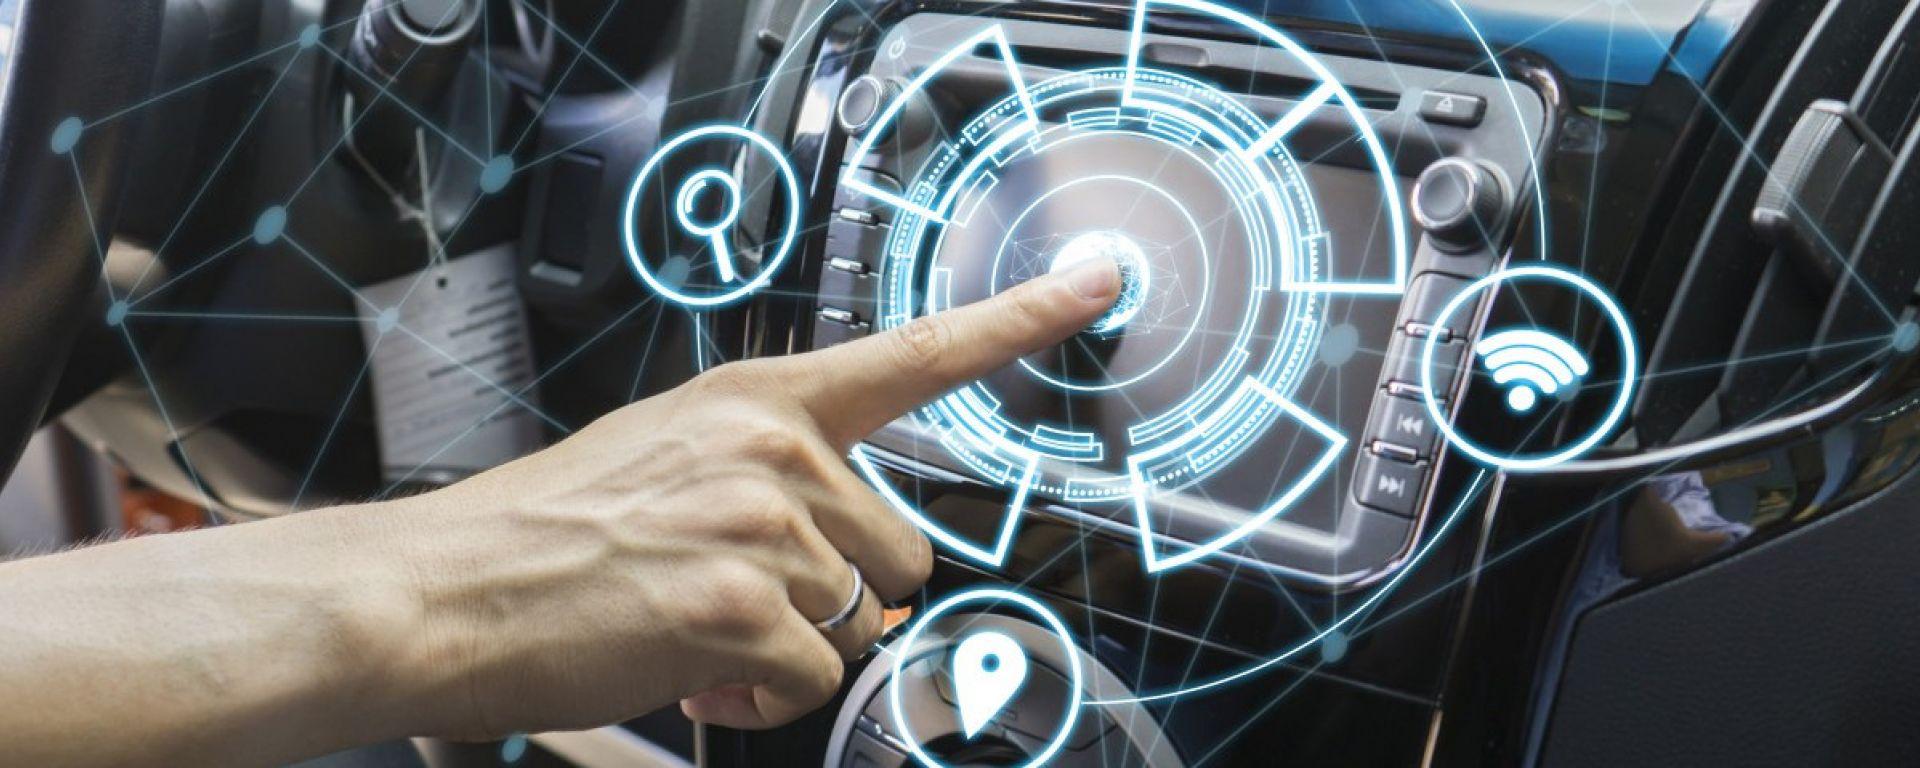 Cnr: c'è un software per manomettere le auto a distanza